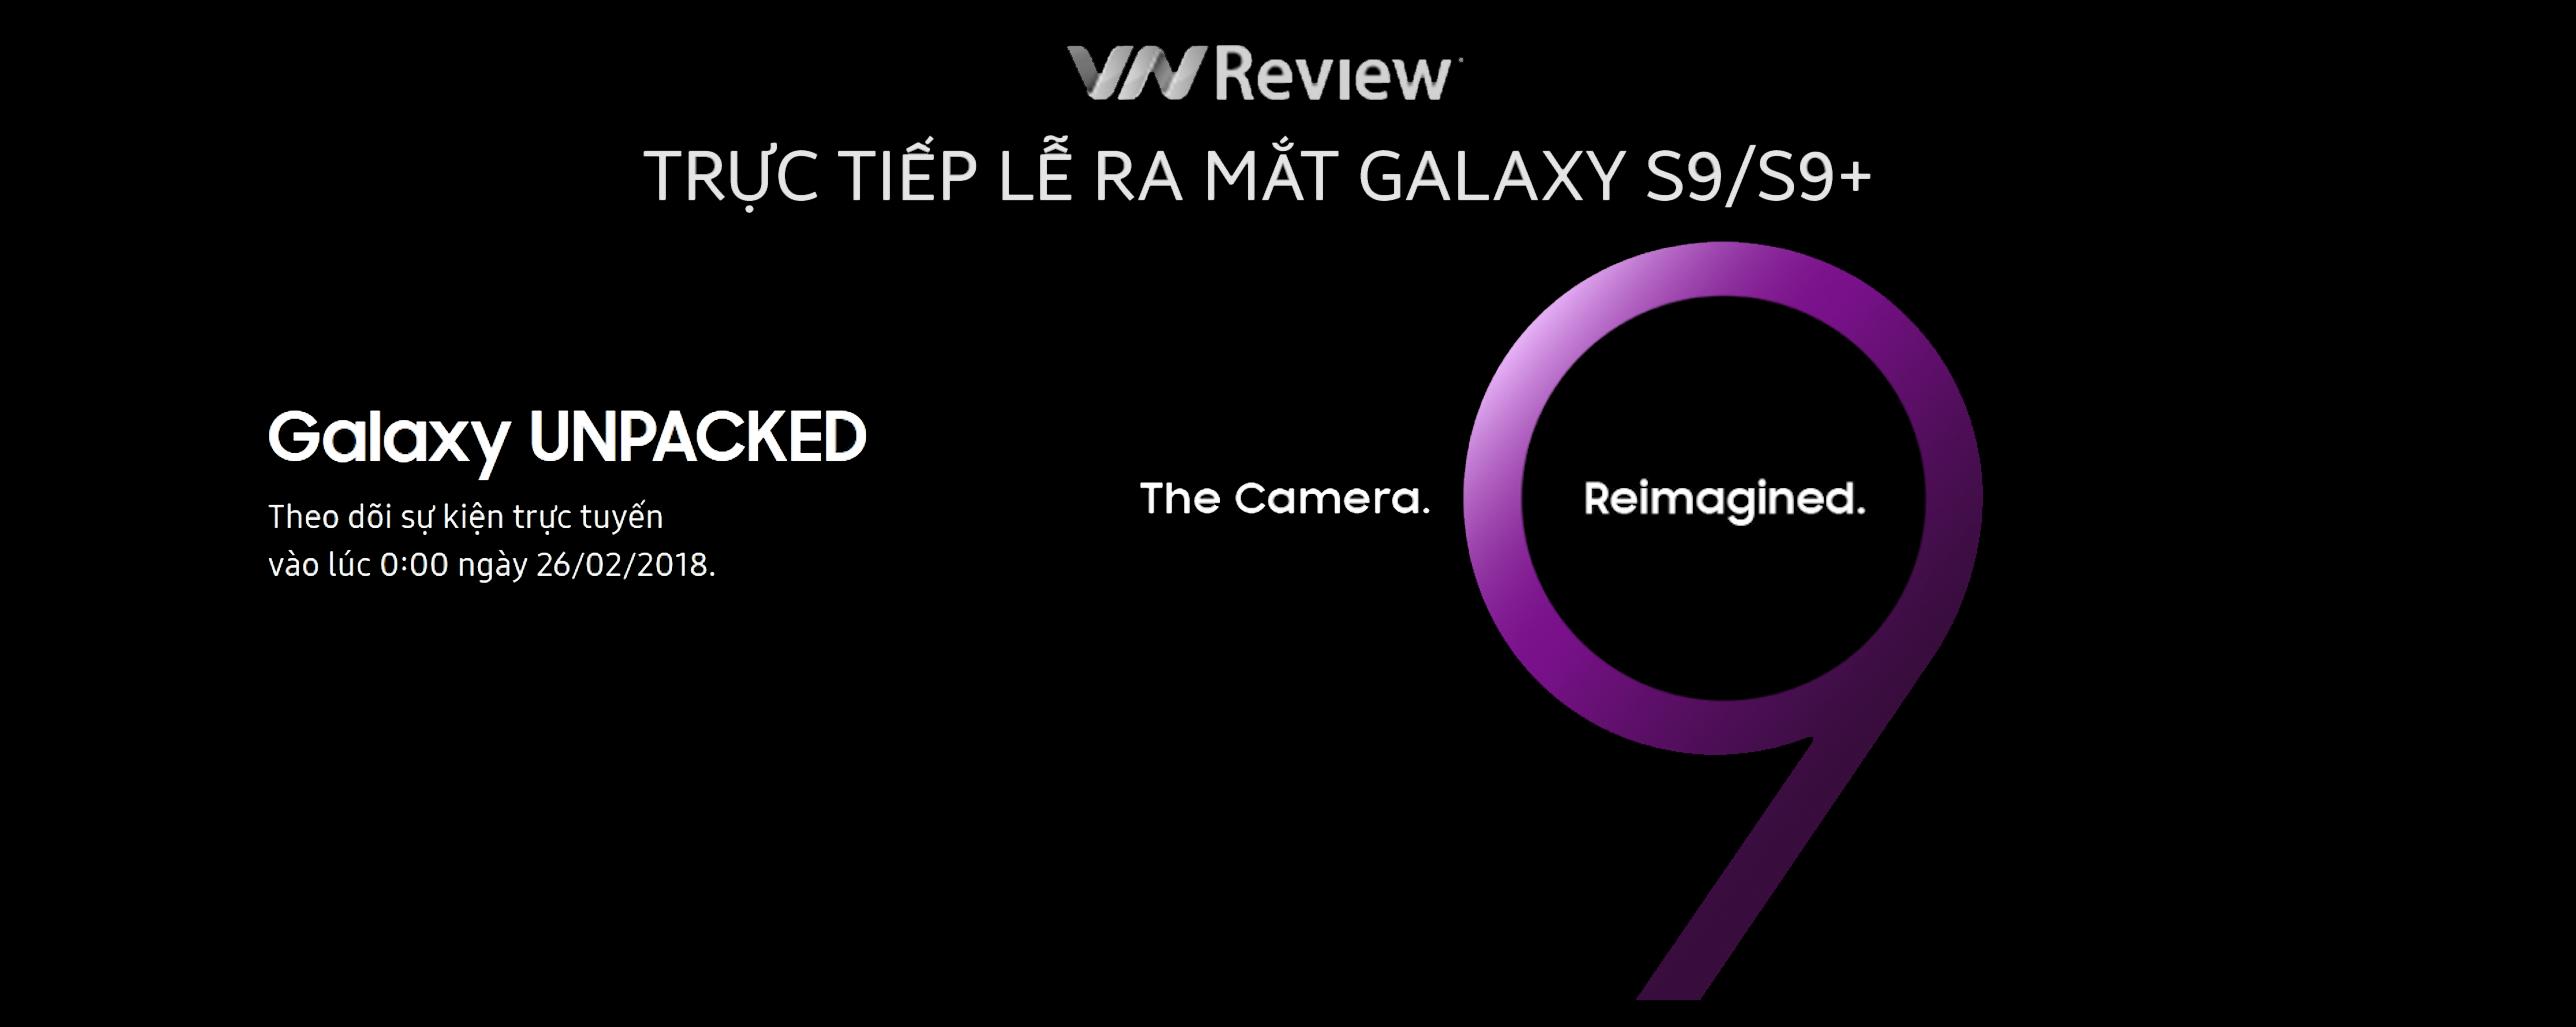 VnReview tường thuật trực tiếp lễ ra mắt Galaxy S9/S9+